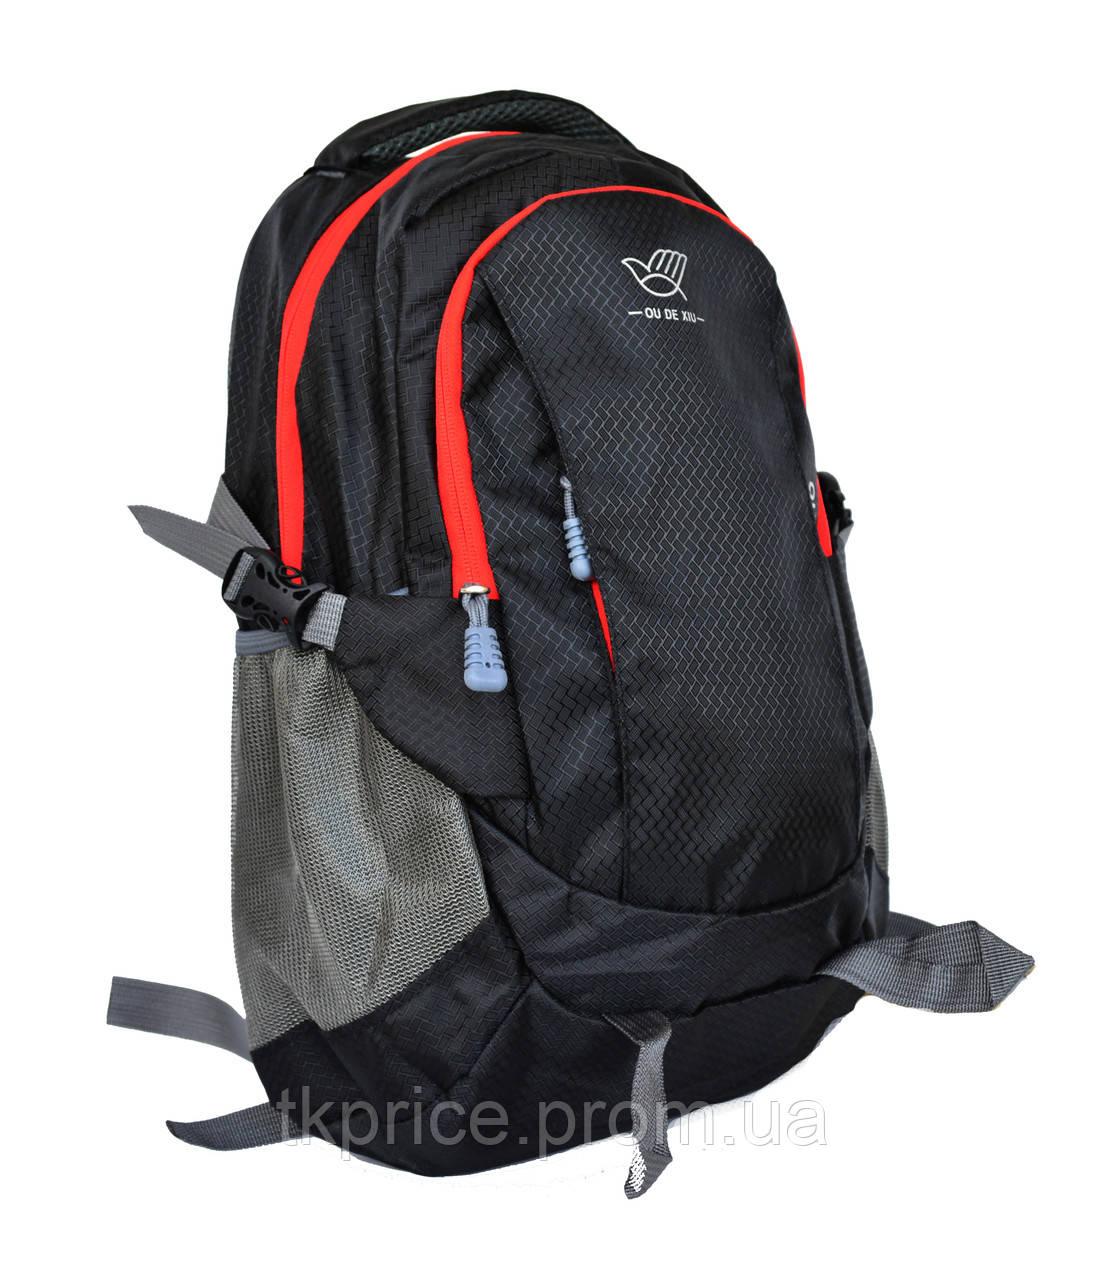 Качественный школьный рюкзак 2066